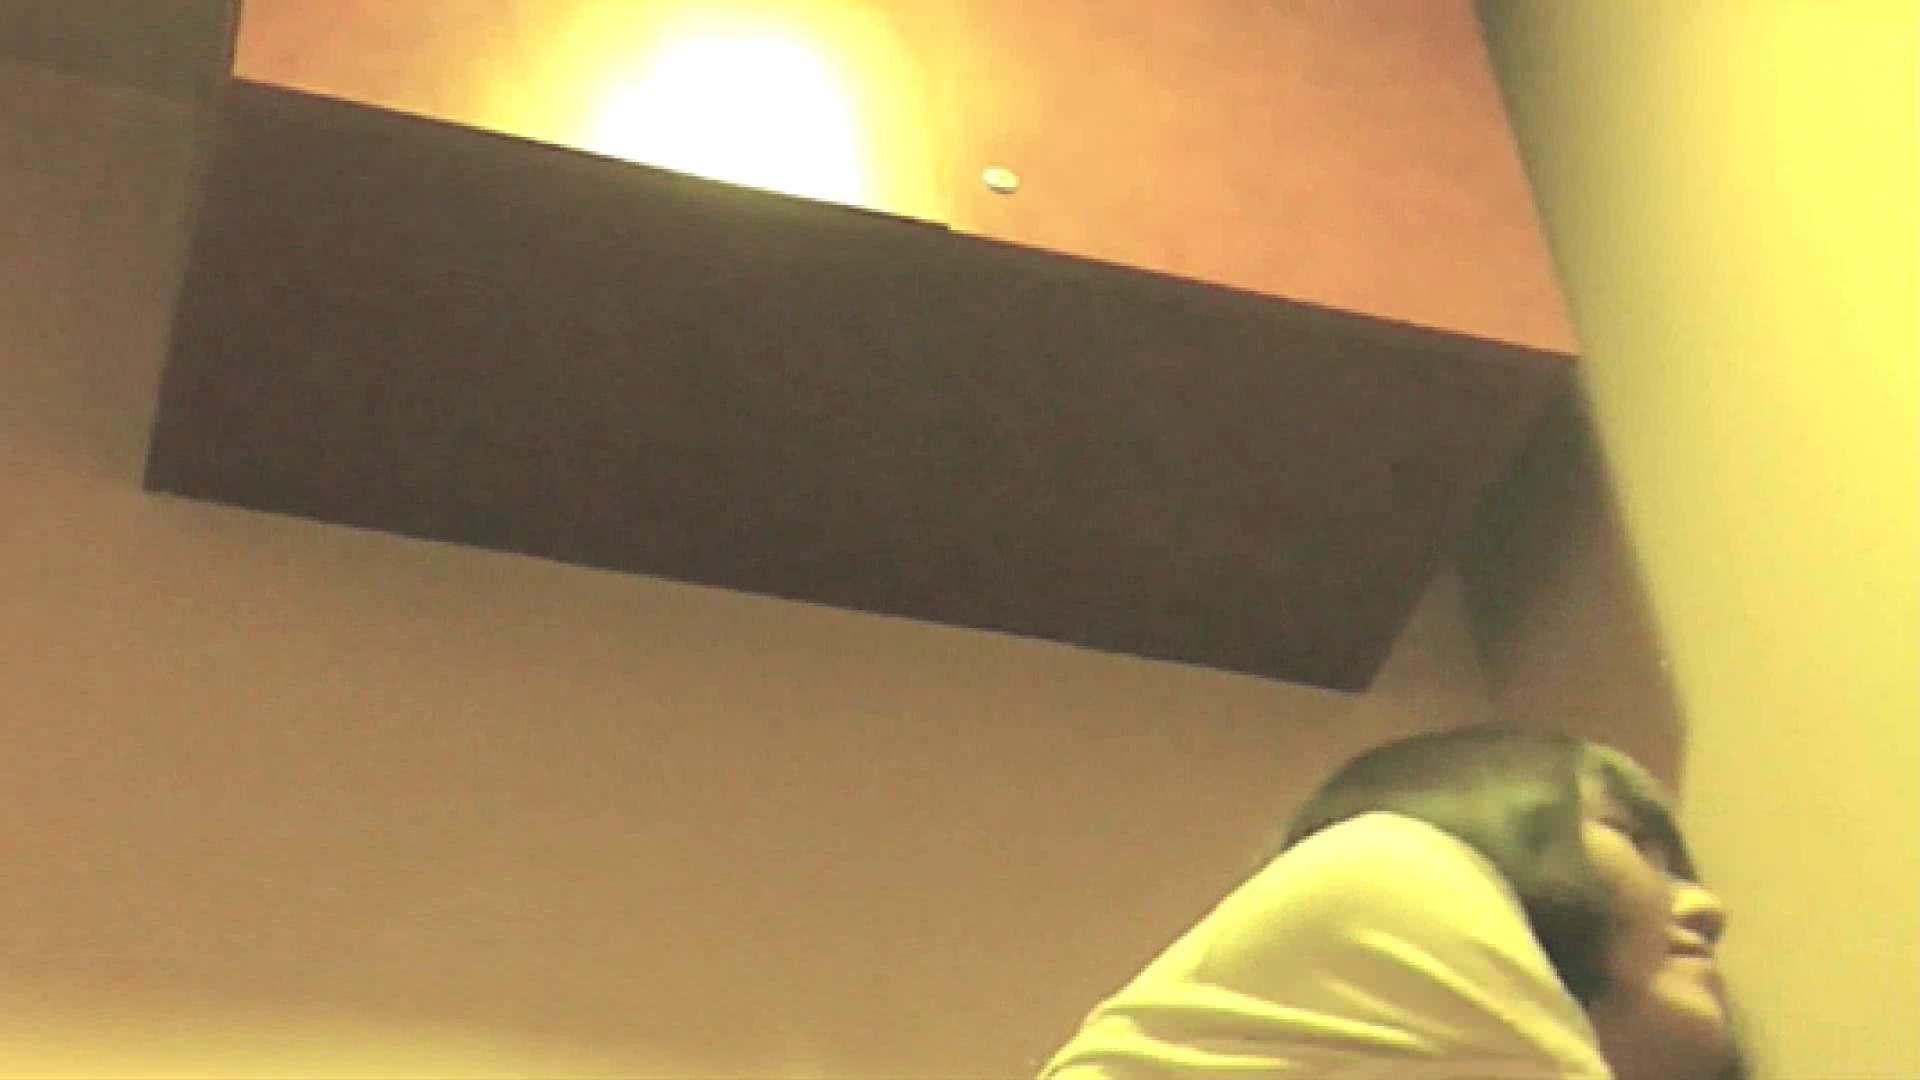 実録!!綺麗なお姉さんのトイレ事情・・・。vol.12 トイレ突入 覗きおまんこ画像 81pic 48